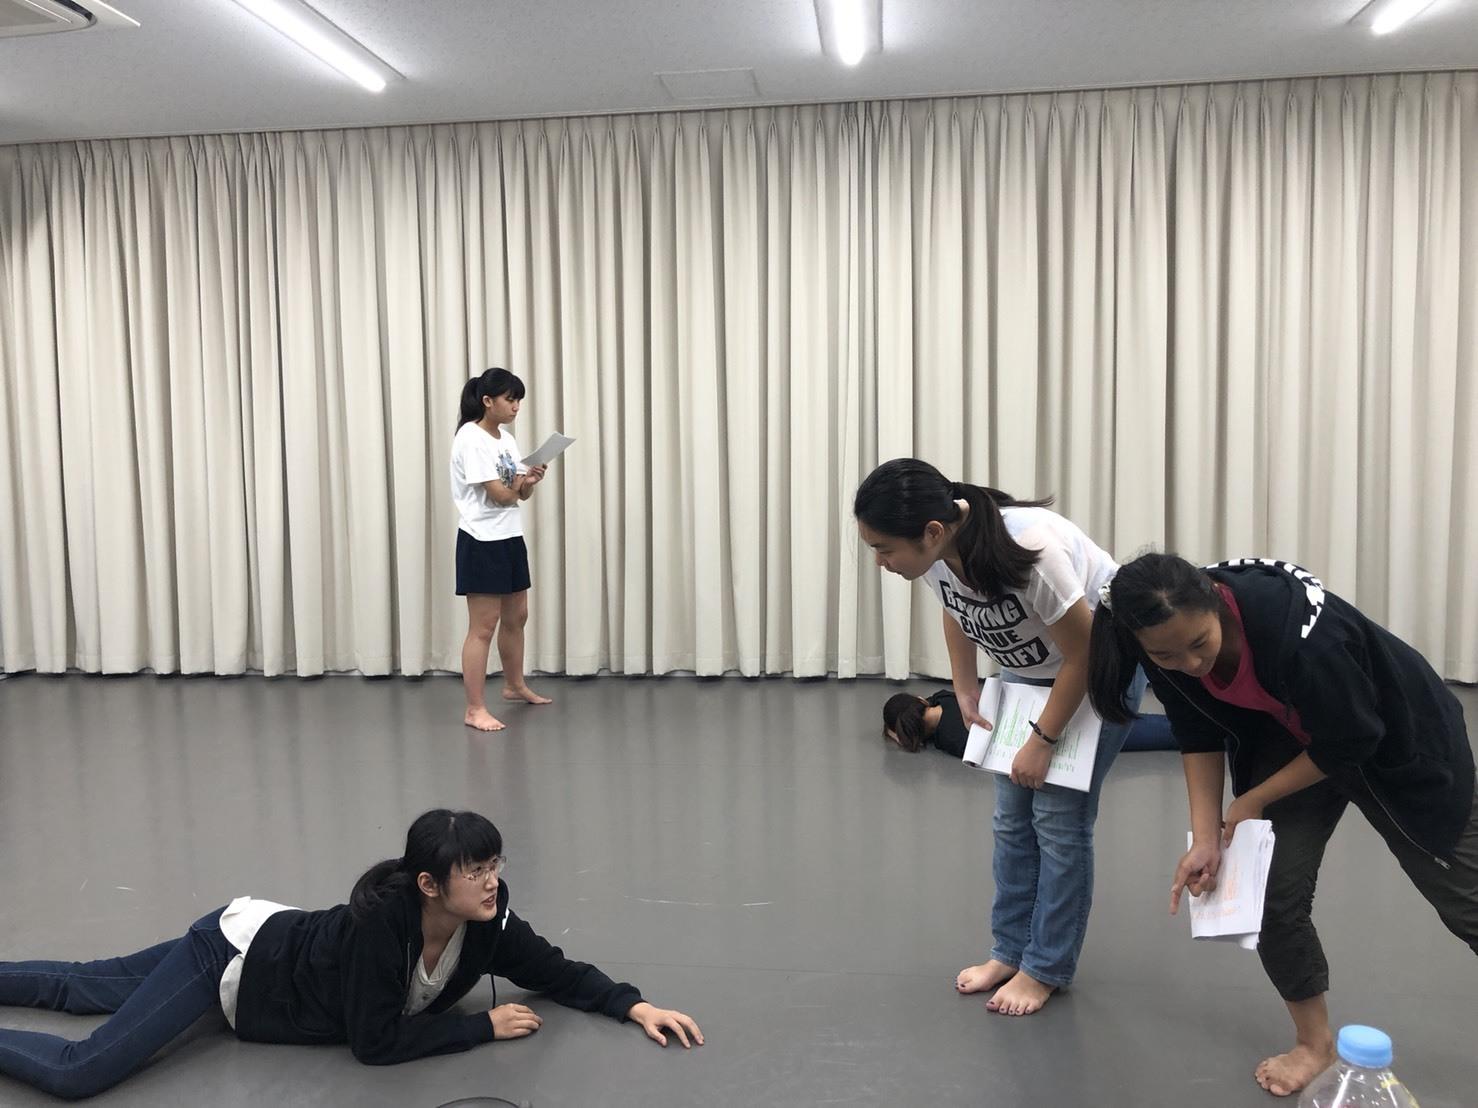 9月7日(金)  たくさん歩いた byきら_a0137821_20170683.jpeg